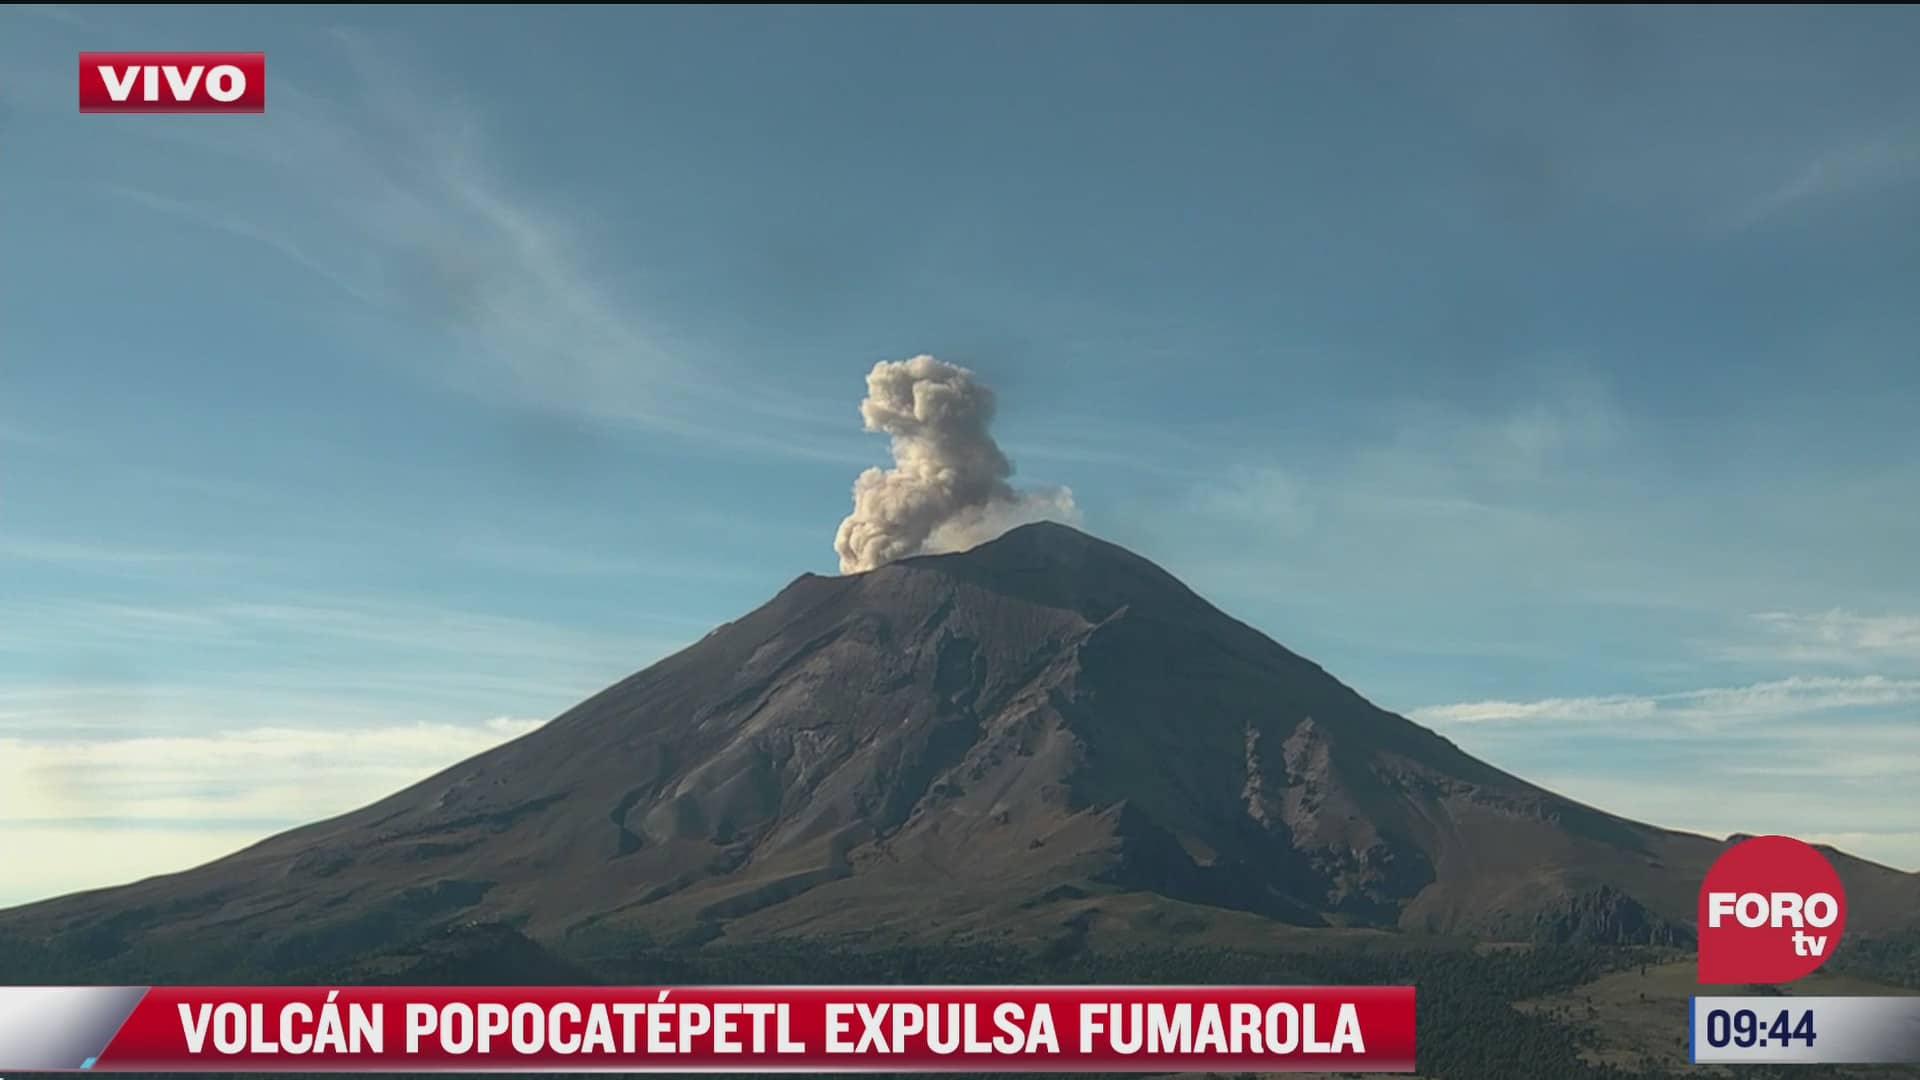 el popocatepetl lanza gran fumarola